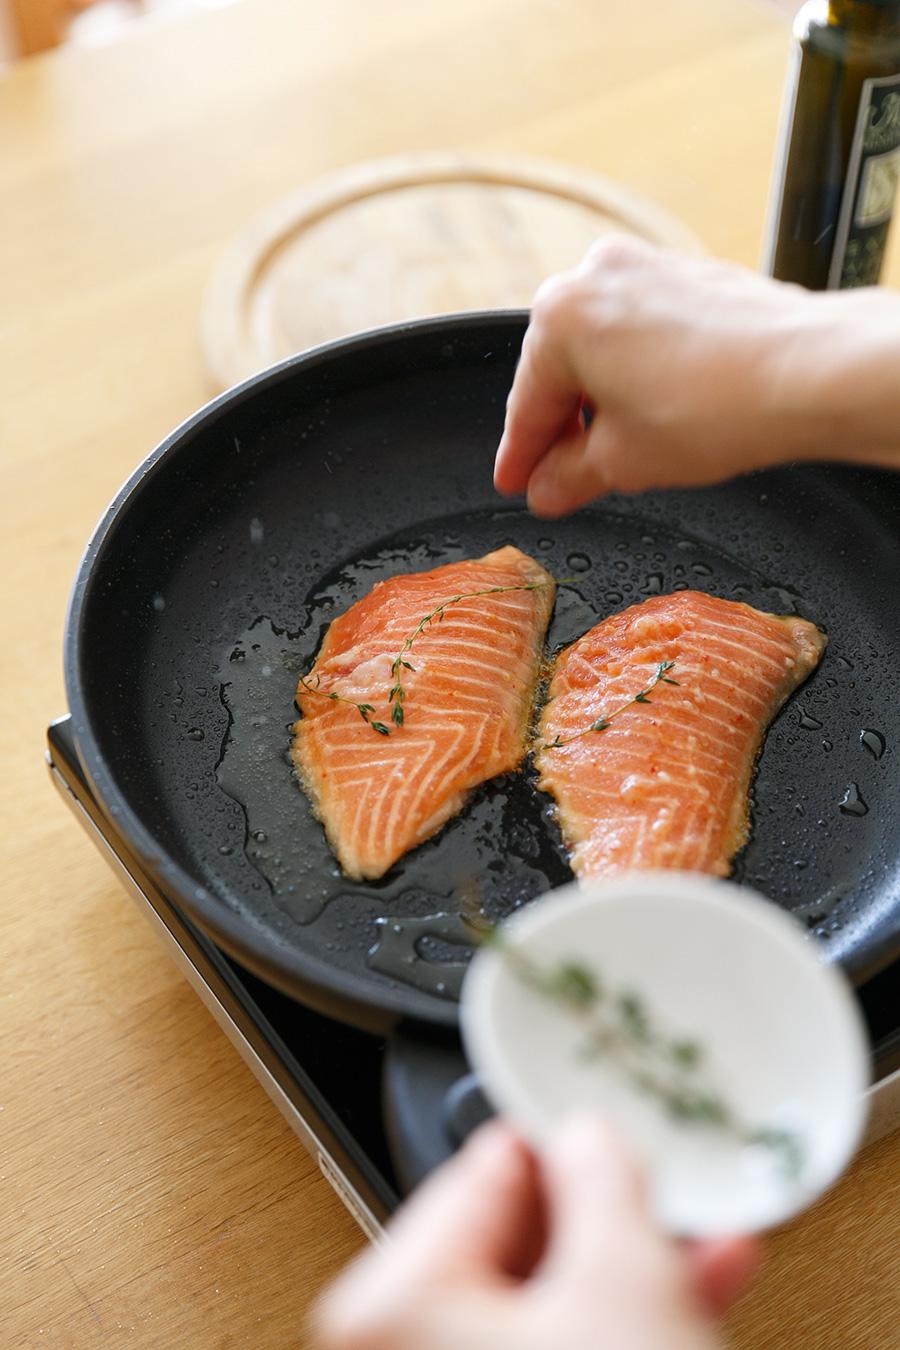 サーモンのソテーはシンプルな塩こしょうにハーブをきかせて。